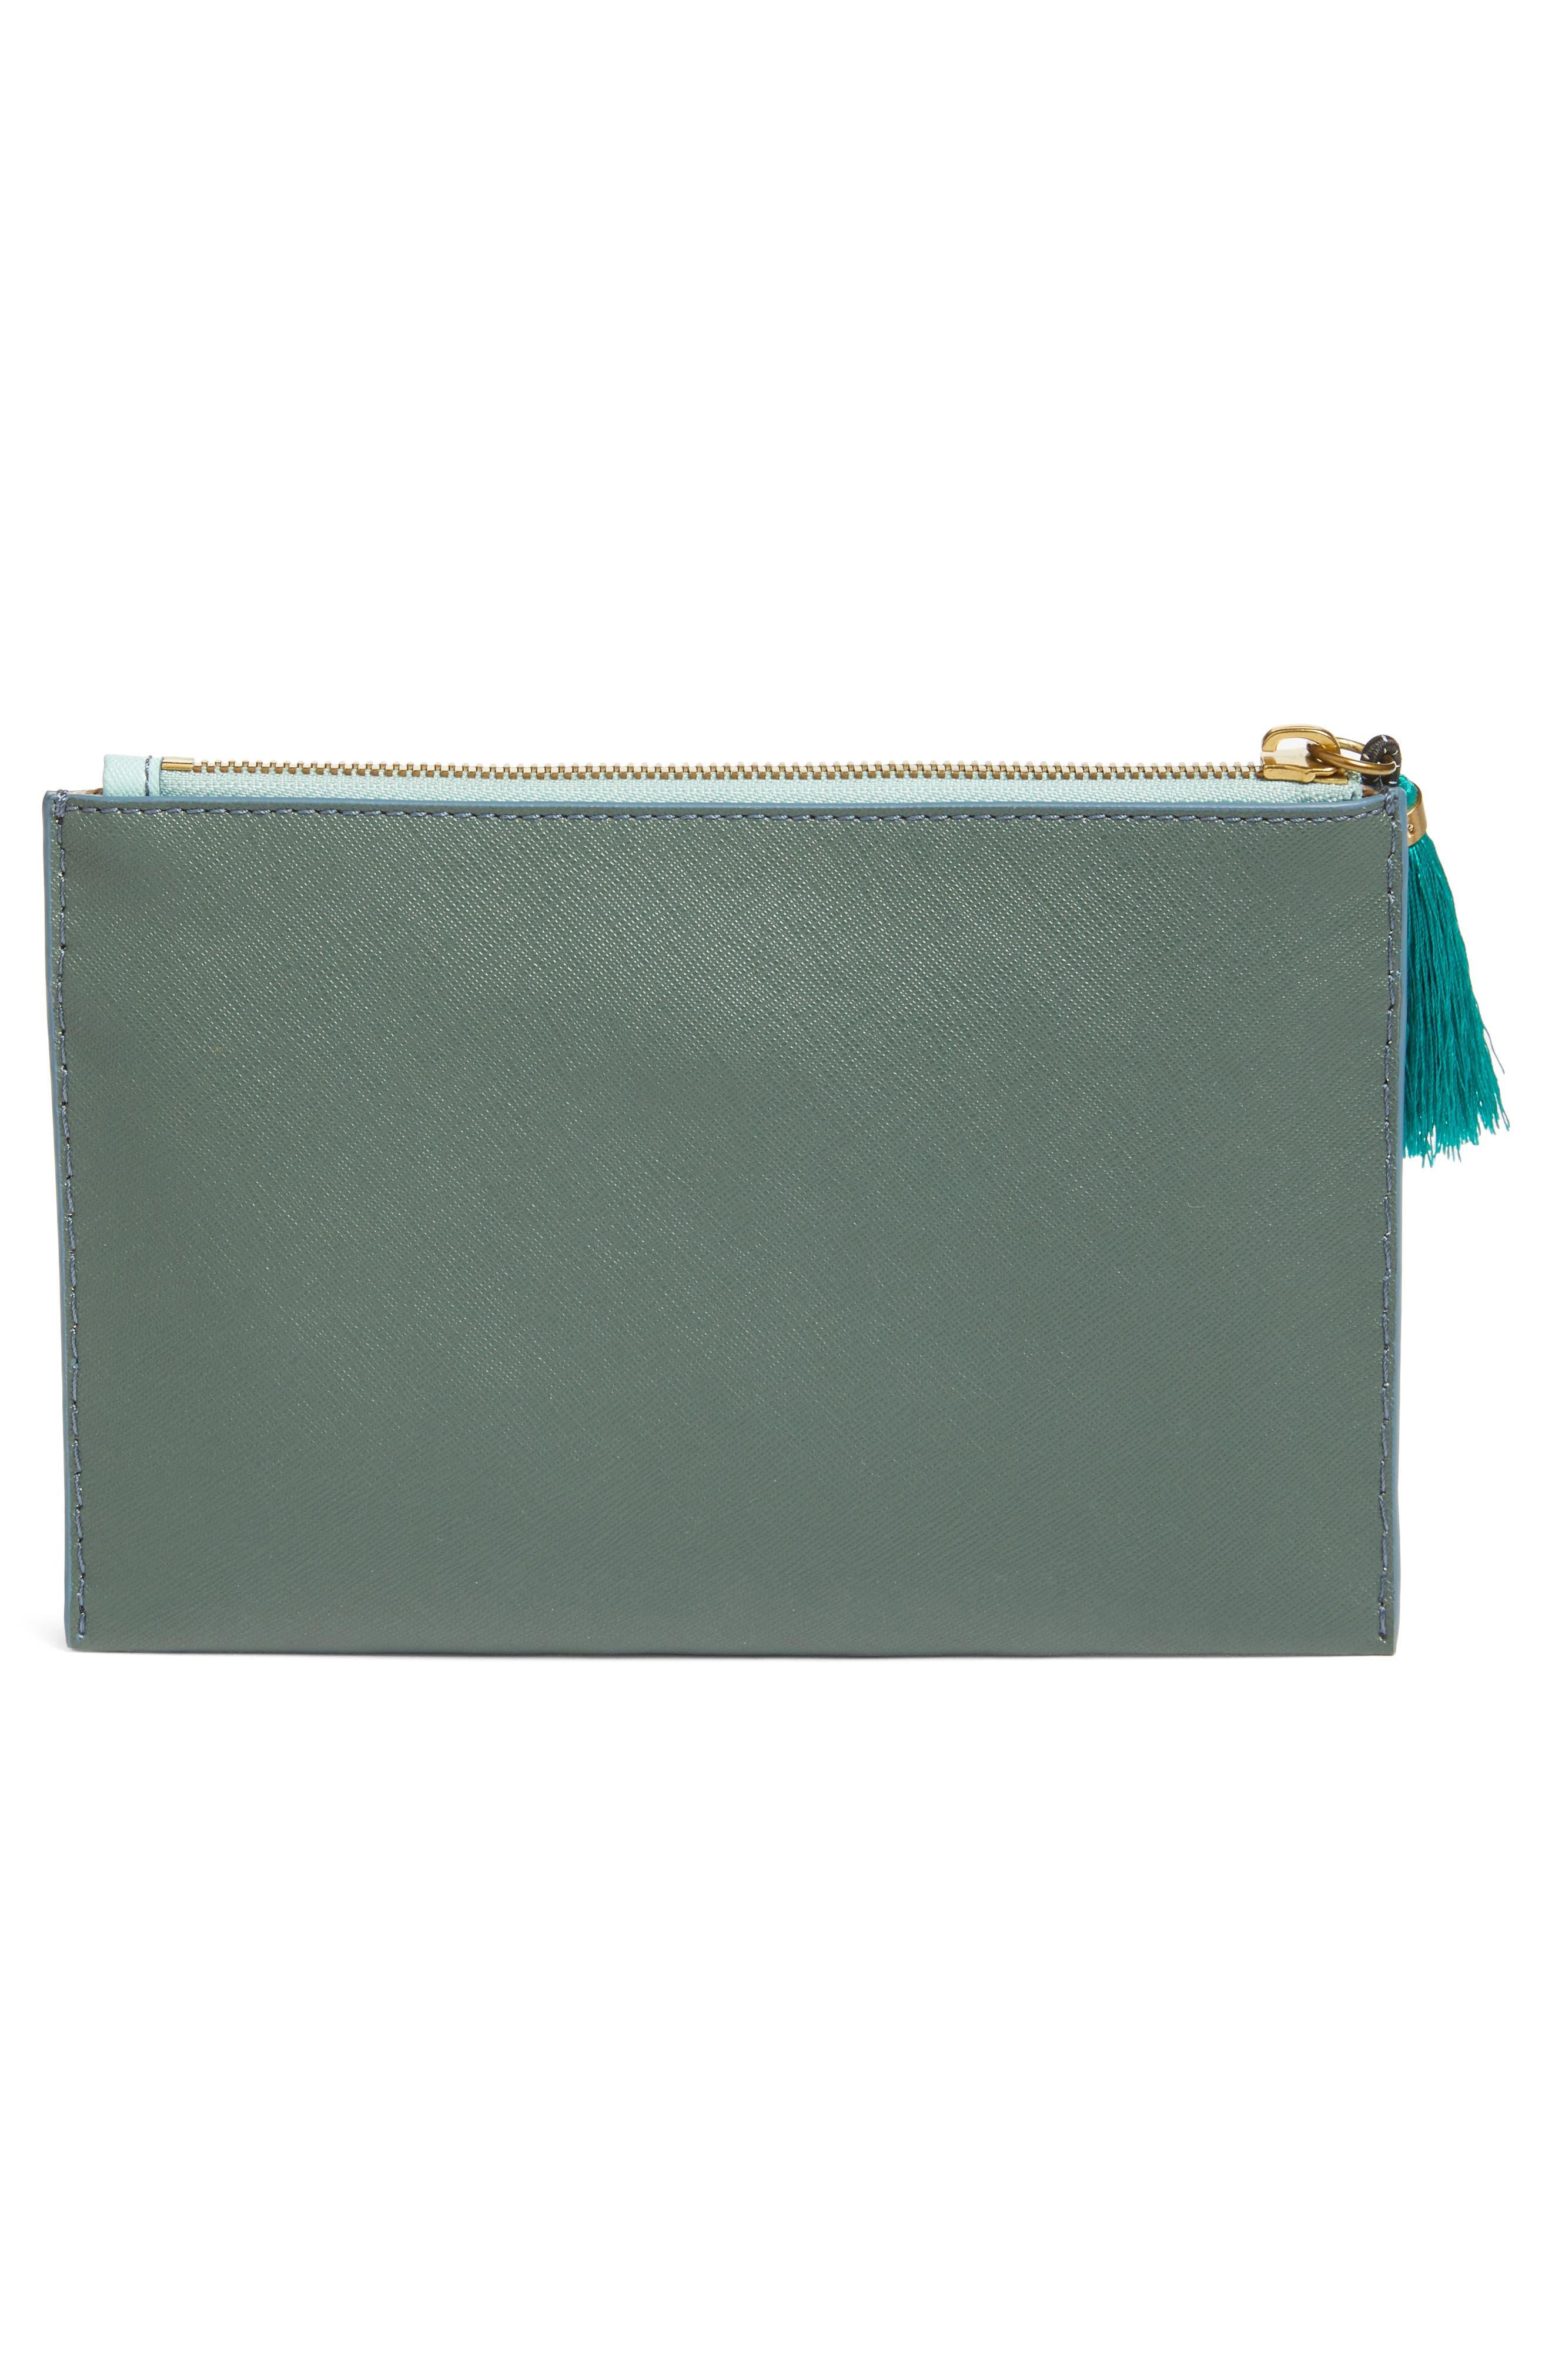 Medium Color Block Leather Pouch,                             Alternate thumbnail 3, color,                             401